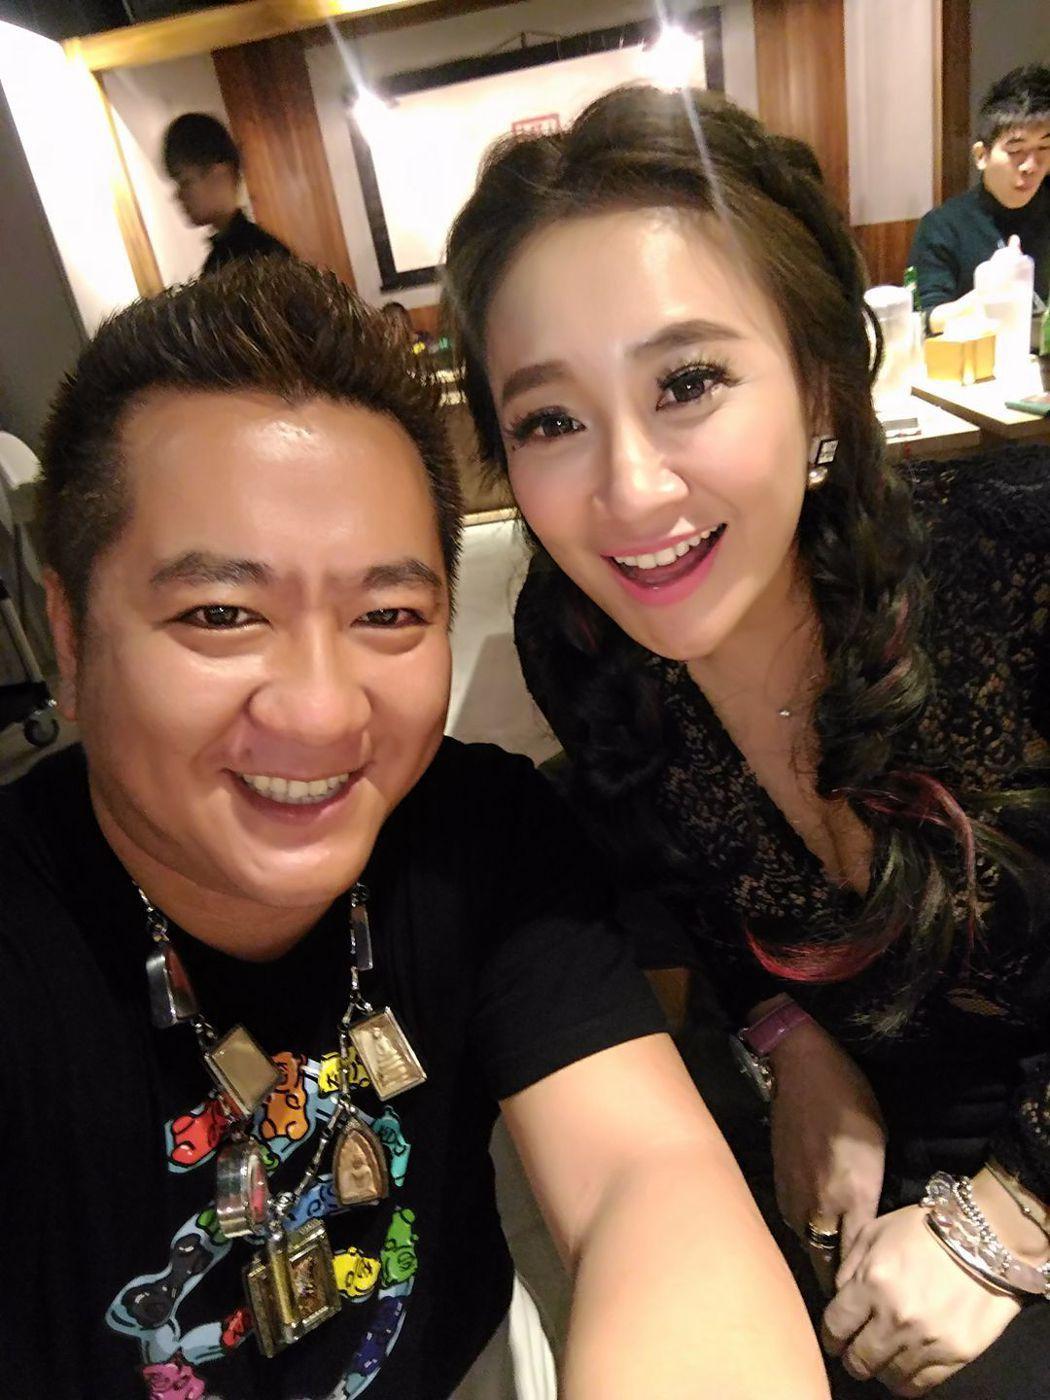 「自由哥」王柏翔(左)常分享與藝人合影畫面。圖/翻攝自由哥臉書